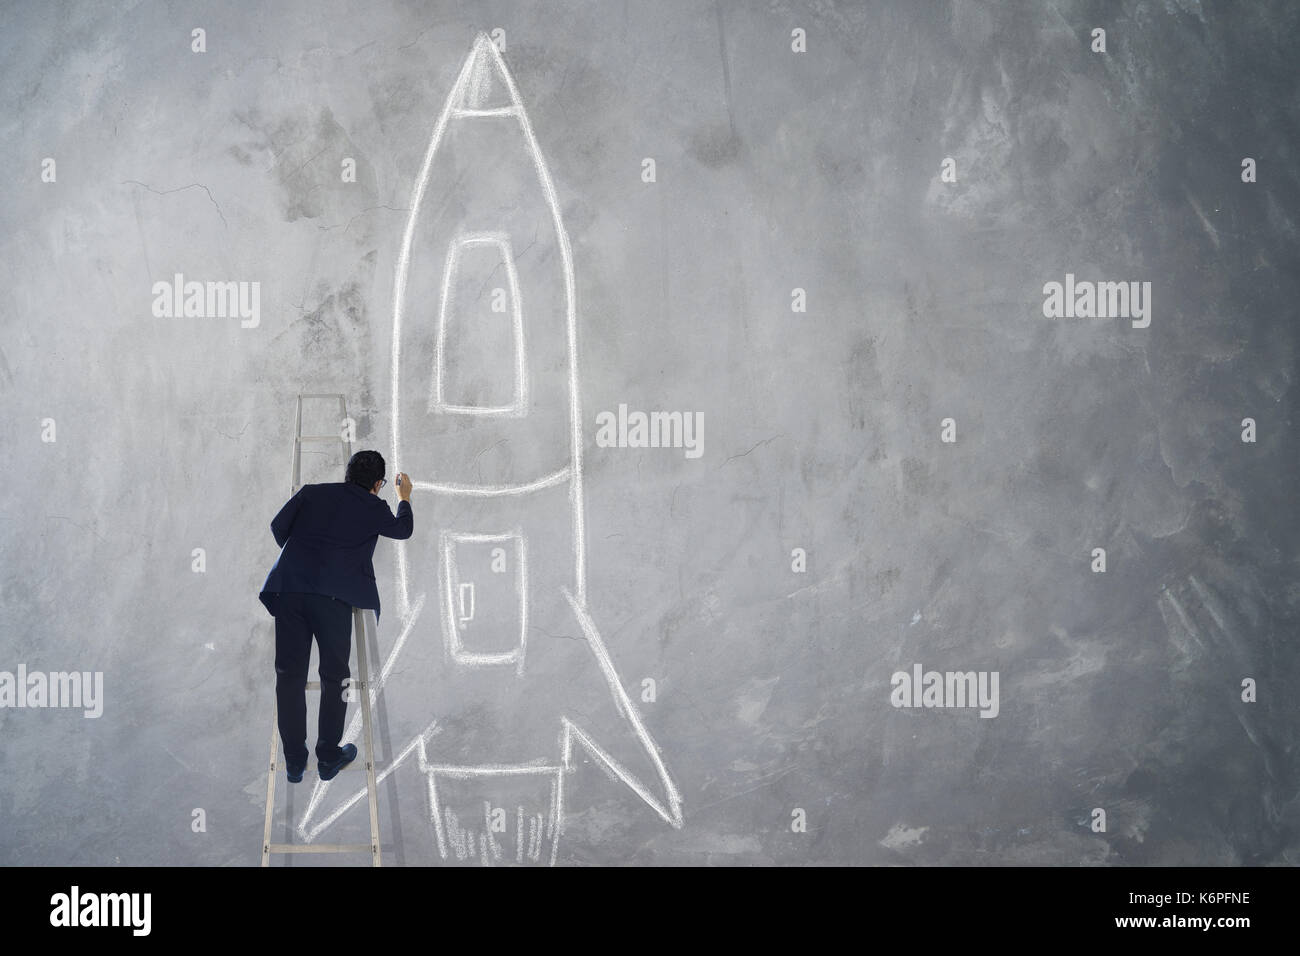 Geschäftsmann klettern Treppe Zeichnung Rakete Skizze auf Wand, Erfolg, Leader und Sieger Konzept. Stockbild